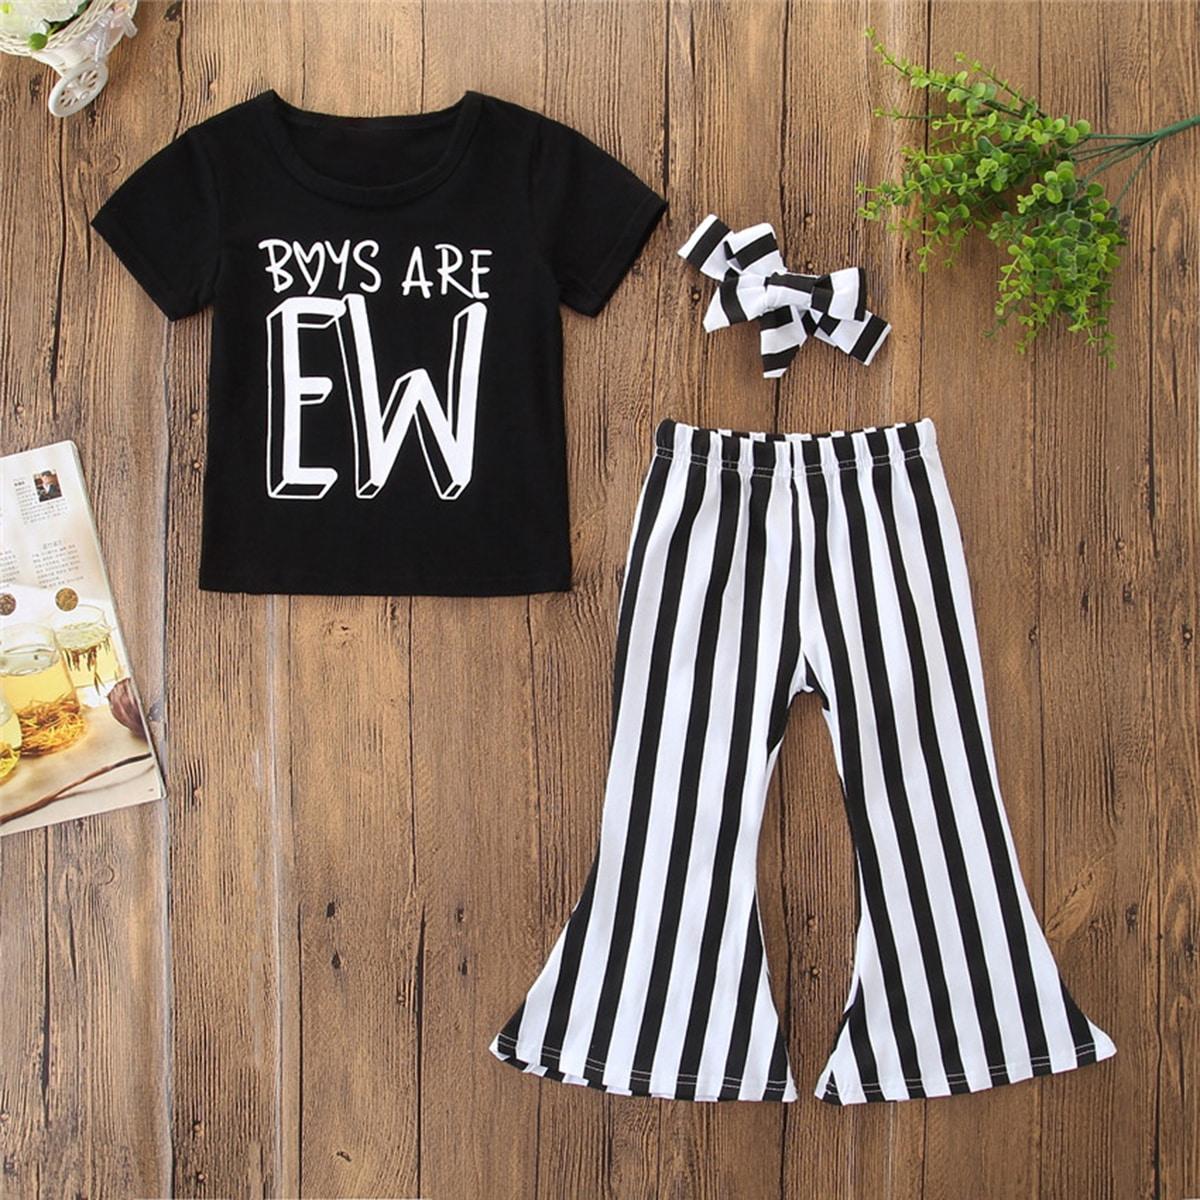 Расклешенные полосатые брюки и футболка с текстовым принтом и повязкой от SHEIN